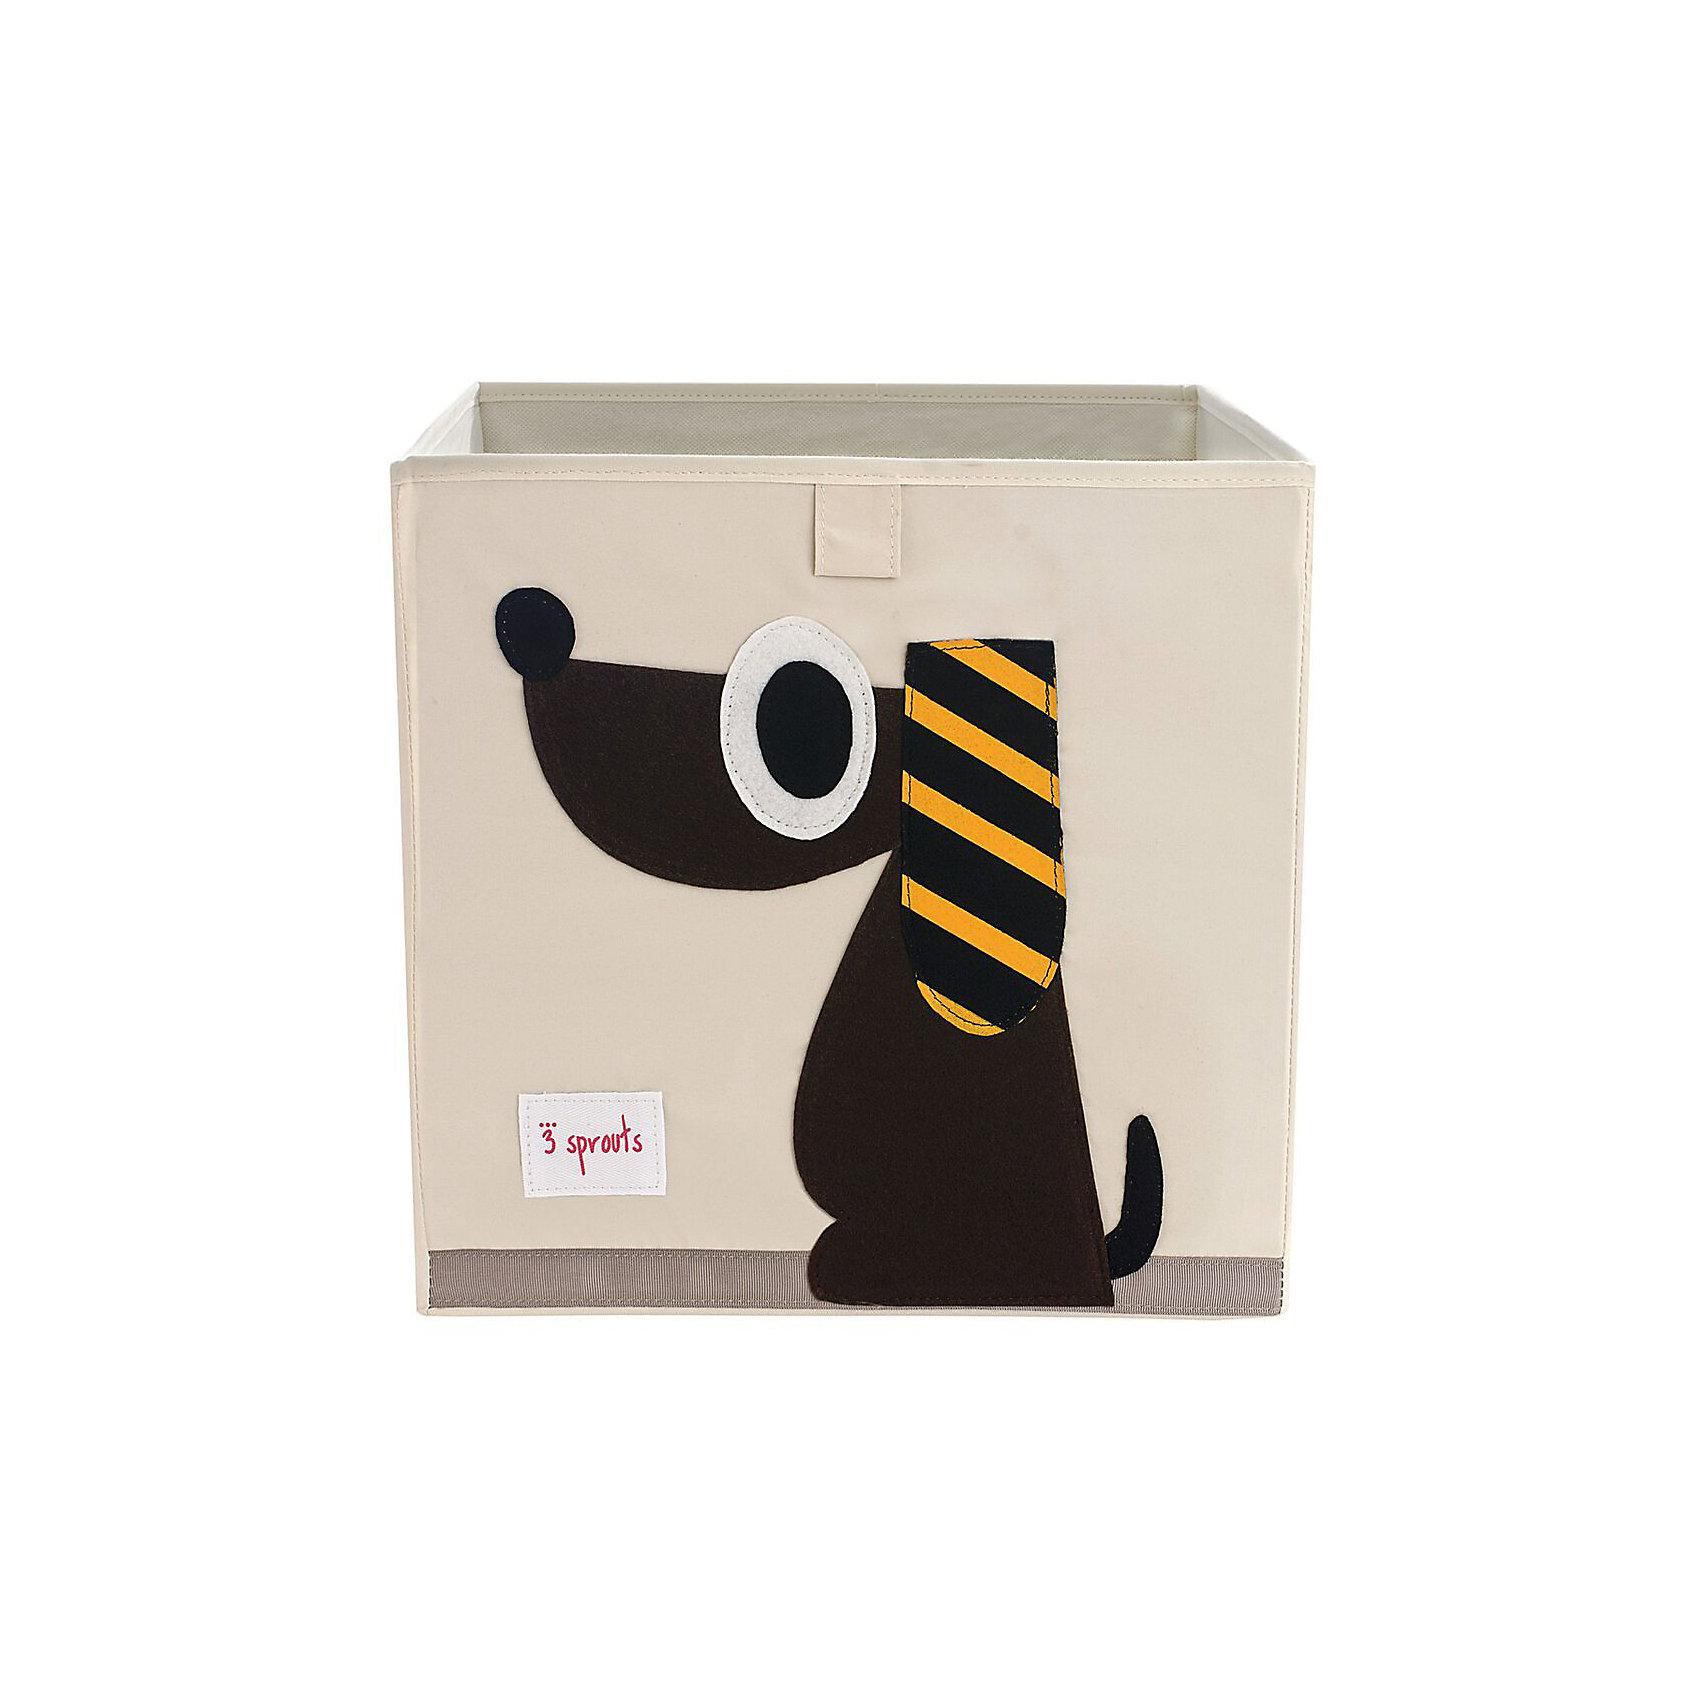 Коробка для хранения Собачка (Brown Dog), 3 SproutsКрасивая коробка - это не только место для хранения вещей, но и прекрасный декор любой комнаты.<br><br>Дополнительная информация:<br><br>- Размер: 33x33x33 см.<br>- Материал: полиэстер.<br>- Орнамент: Собачка.<br><br>Купить коробку для хранения Собачка (Brown Dog), можно в нашем магазине.<br><br>Ширина мм: 330<br>Глубина мм: 20<br>Высота мм: 330<br>Вес г: 830<br>Возраст от месяцев: 6<br>Возраст до месяцев: 84<br>Пол: Унисекс<br>Возраст: Детский<br>SKU: 5098219